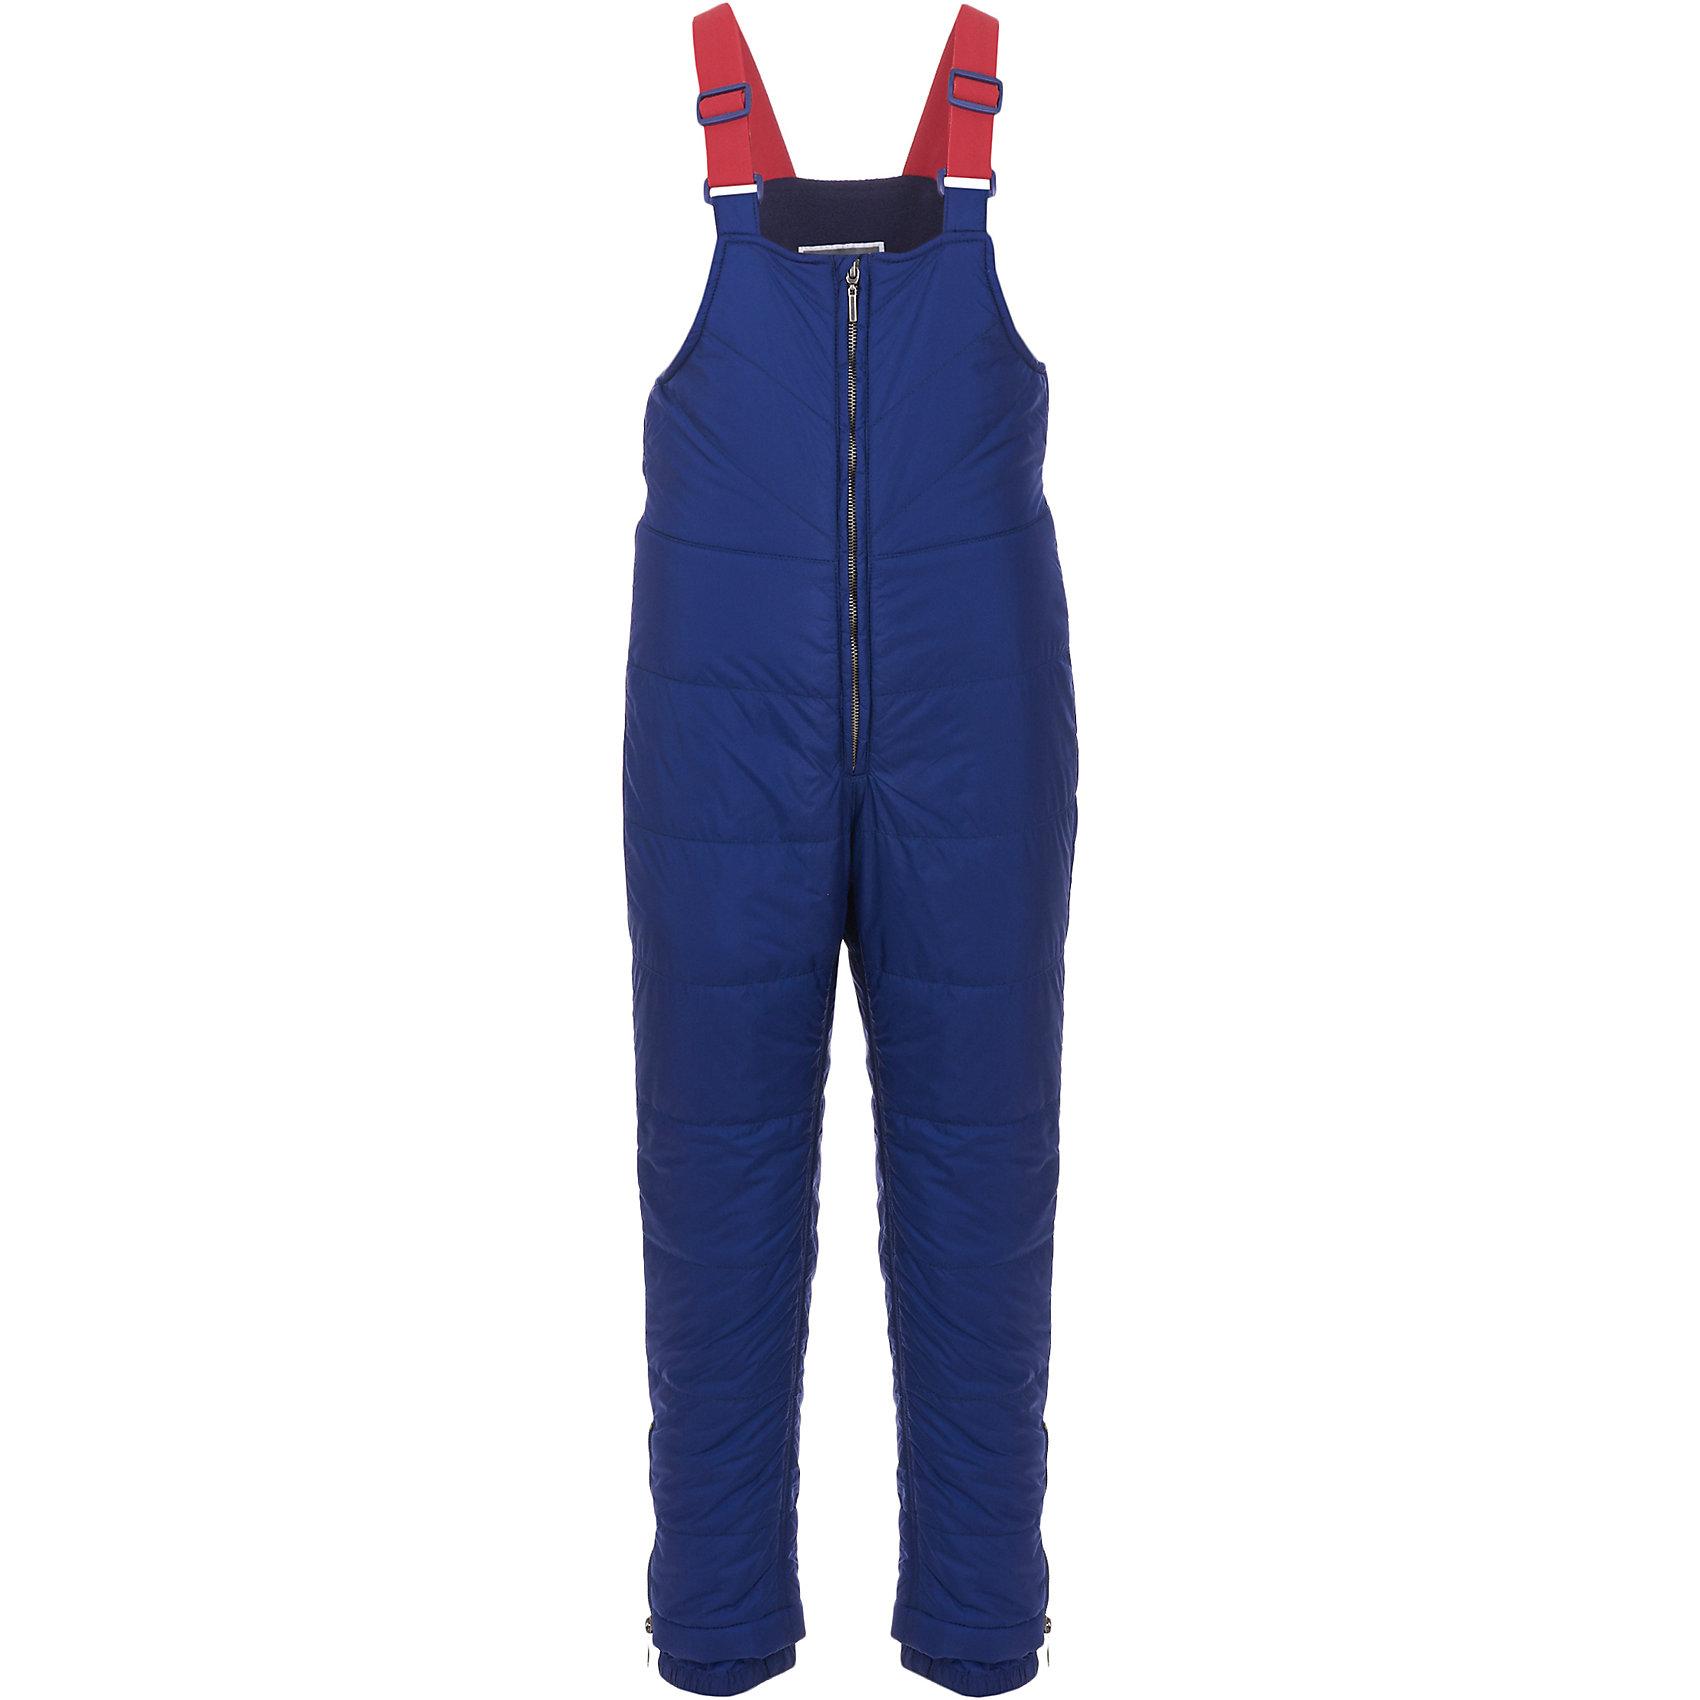 Полукомбинезон Gulliver для девочкиВерхняя одежда<br>Полукомбинезон Gulliver для девочки<br>Утепленные джинсы для девочки - это возможность быть стильной и современной в любую погоду! Тонкий флис на внутренней части изделия не создает ненужного объема, сохраняя актуальную зауженную форму модели, но делает синие джинсы теплыми и уютными. Зимние джинсы с модными потертостями и варкой - залог отличного настроения во время длительных прогулок в холодный и ненастный день.<br>Состав:<br>верх:  98% хлопок  2% эластан;  подкладка:  100% полиэстер<br><br>Ширина мм: 215<br>Глубина мм: 88<br>Высота мм: 191<br>Вес г: 336<br>Цвет: синий<br>Возраст от месяцев: 108<br>Возраст до месяцев: 120<br>Пол: Женский<br>Возраст: Детский<br>Размер: 140,122,128,134<br>SKU: 7076842